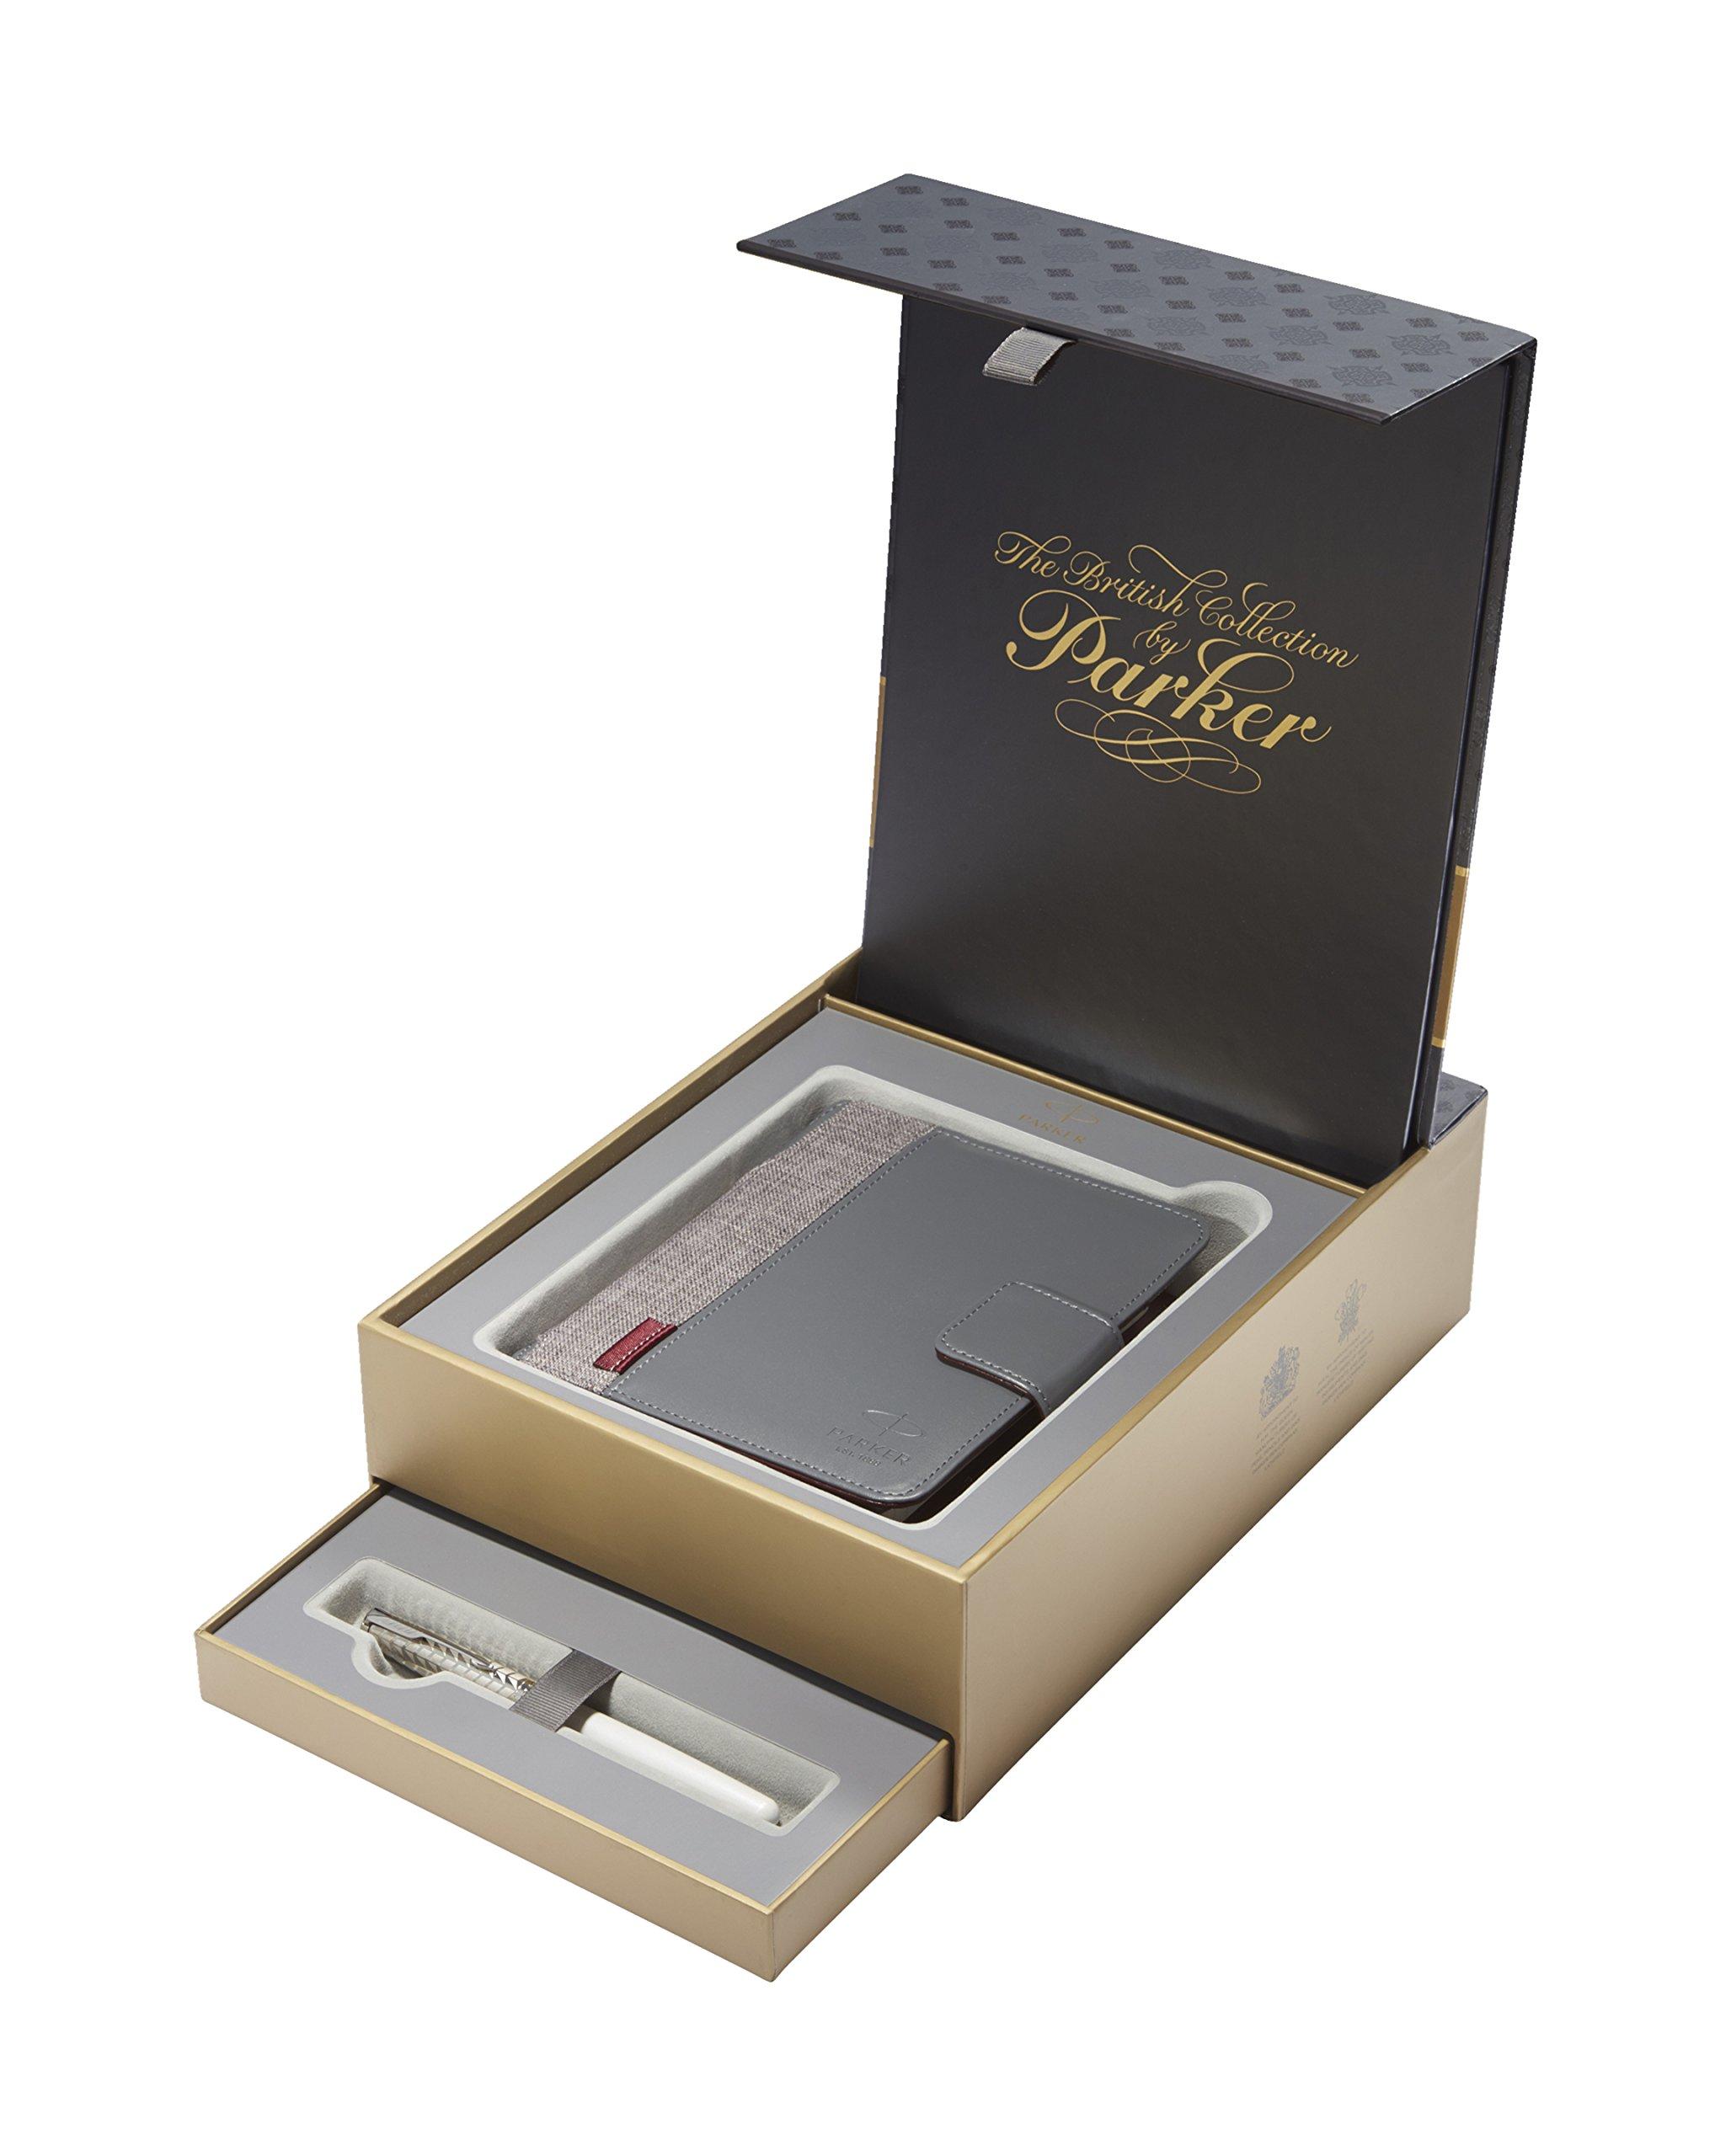 PARKER Sonnet estuche con pluma estilográfica y agenda de la colección British, lacado perlado y metalizado con adornos cromados (1978406): Amazon.es: Oficina y papelería